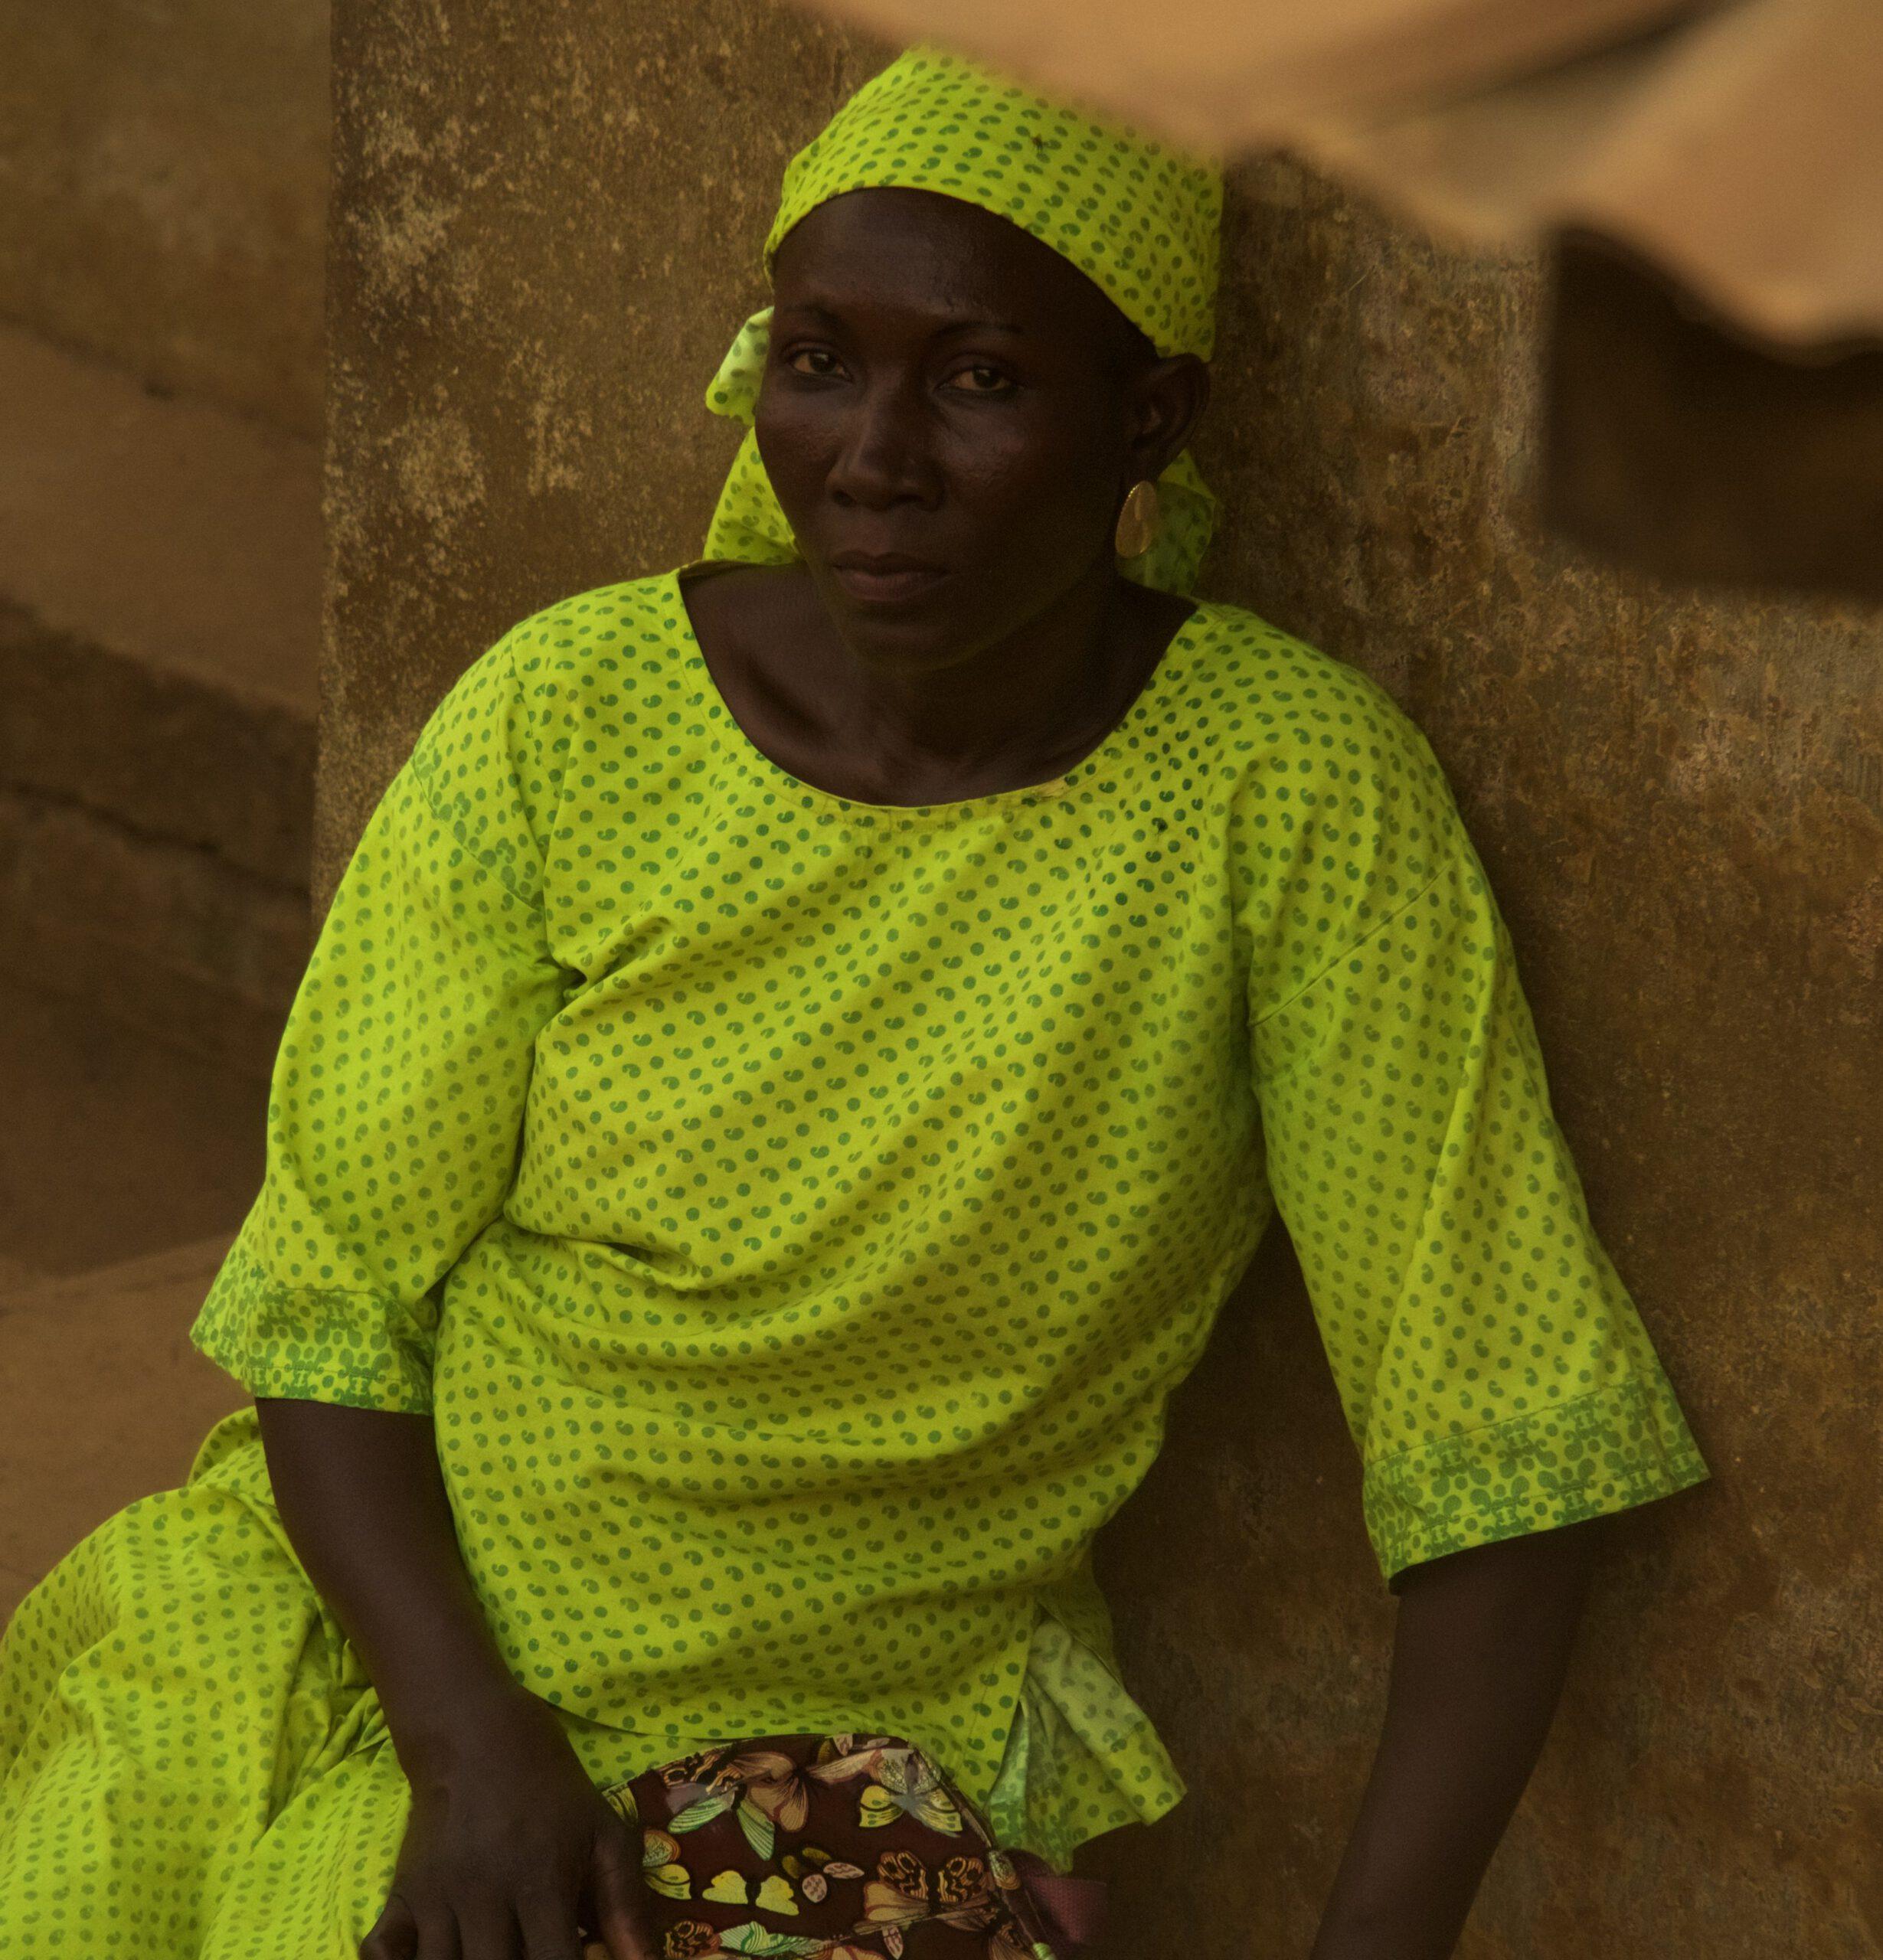 Una mujer a la puerta de su casa en un barrio de Ibadan Nigeria